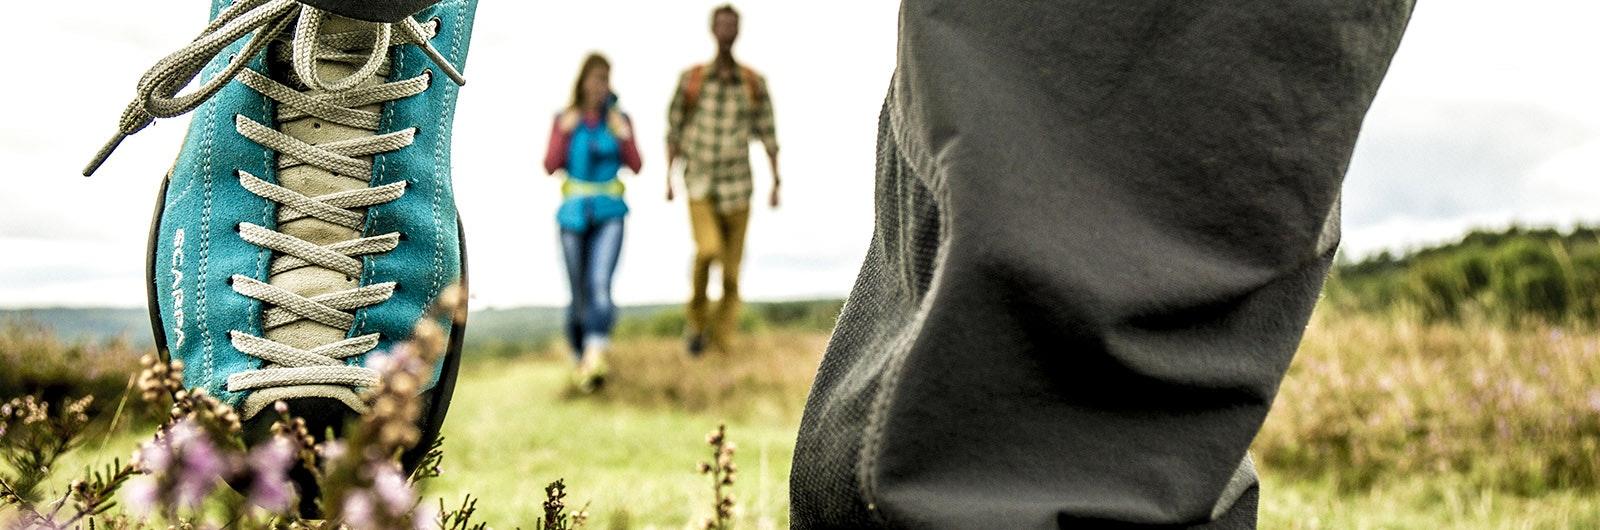 Närbild på ben med vandrare i bakgrund